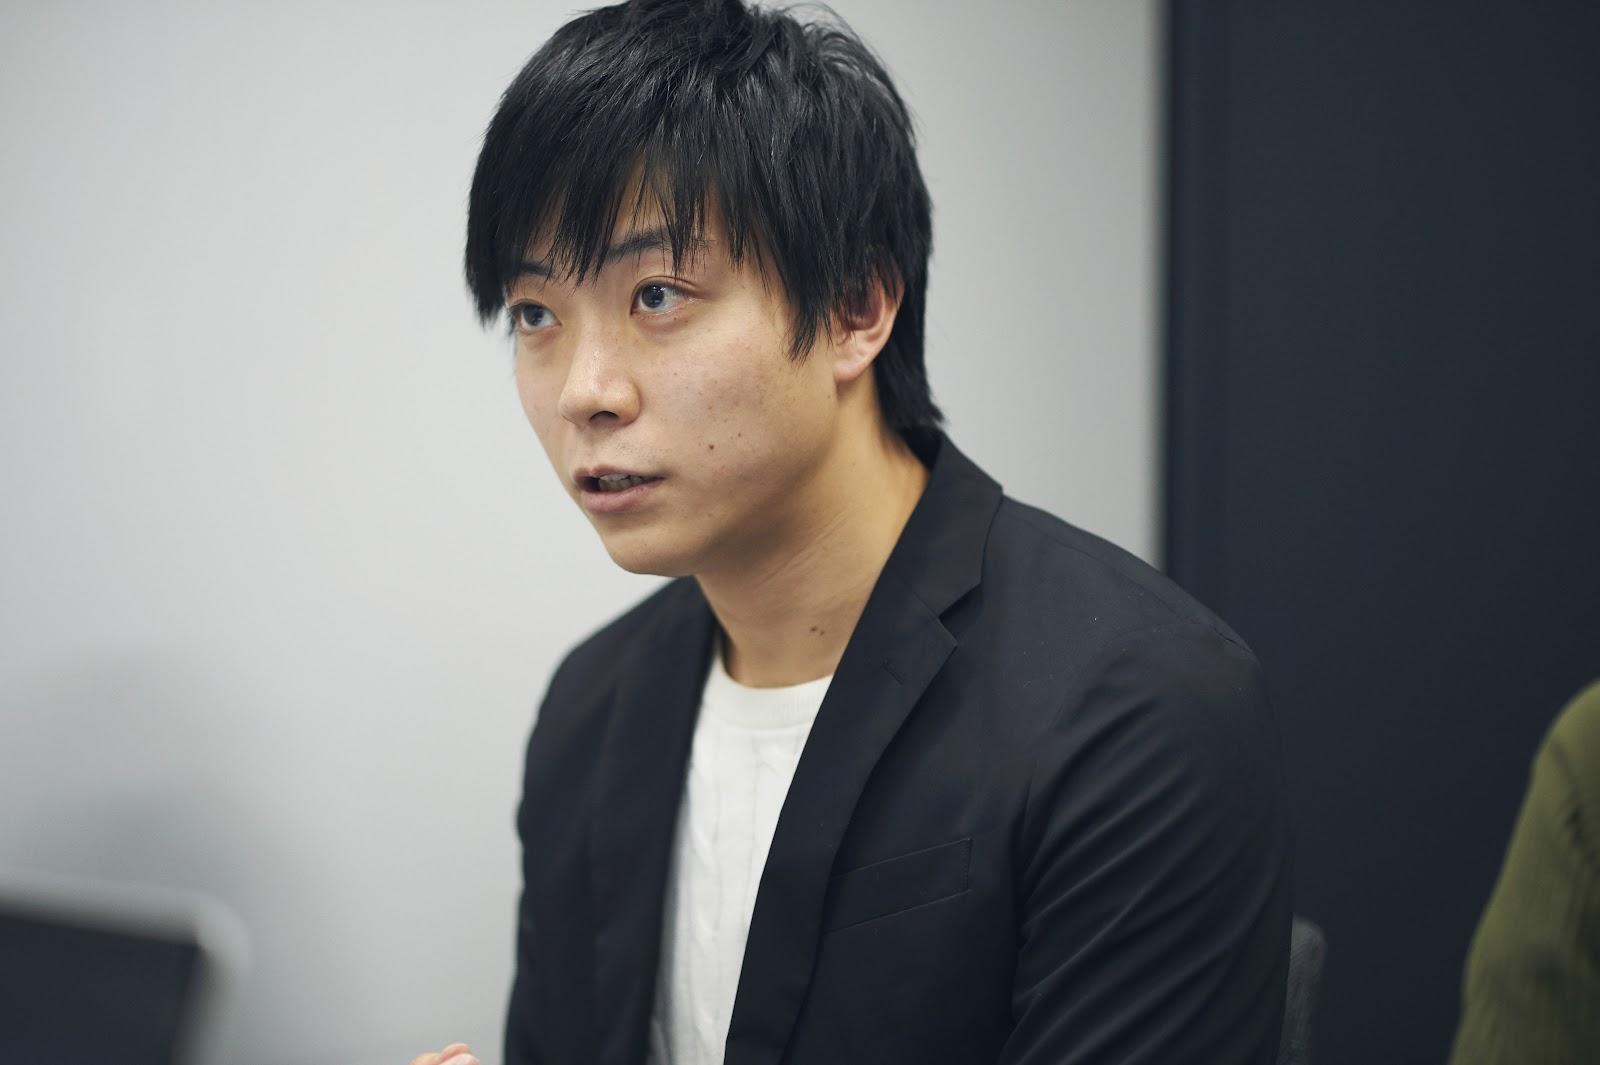 株式会社ユーザベースSPEEDA事業マーケティング担当 伊佐敷 一裕氏